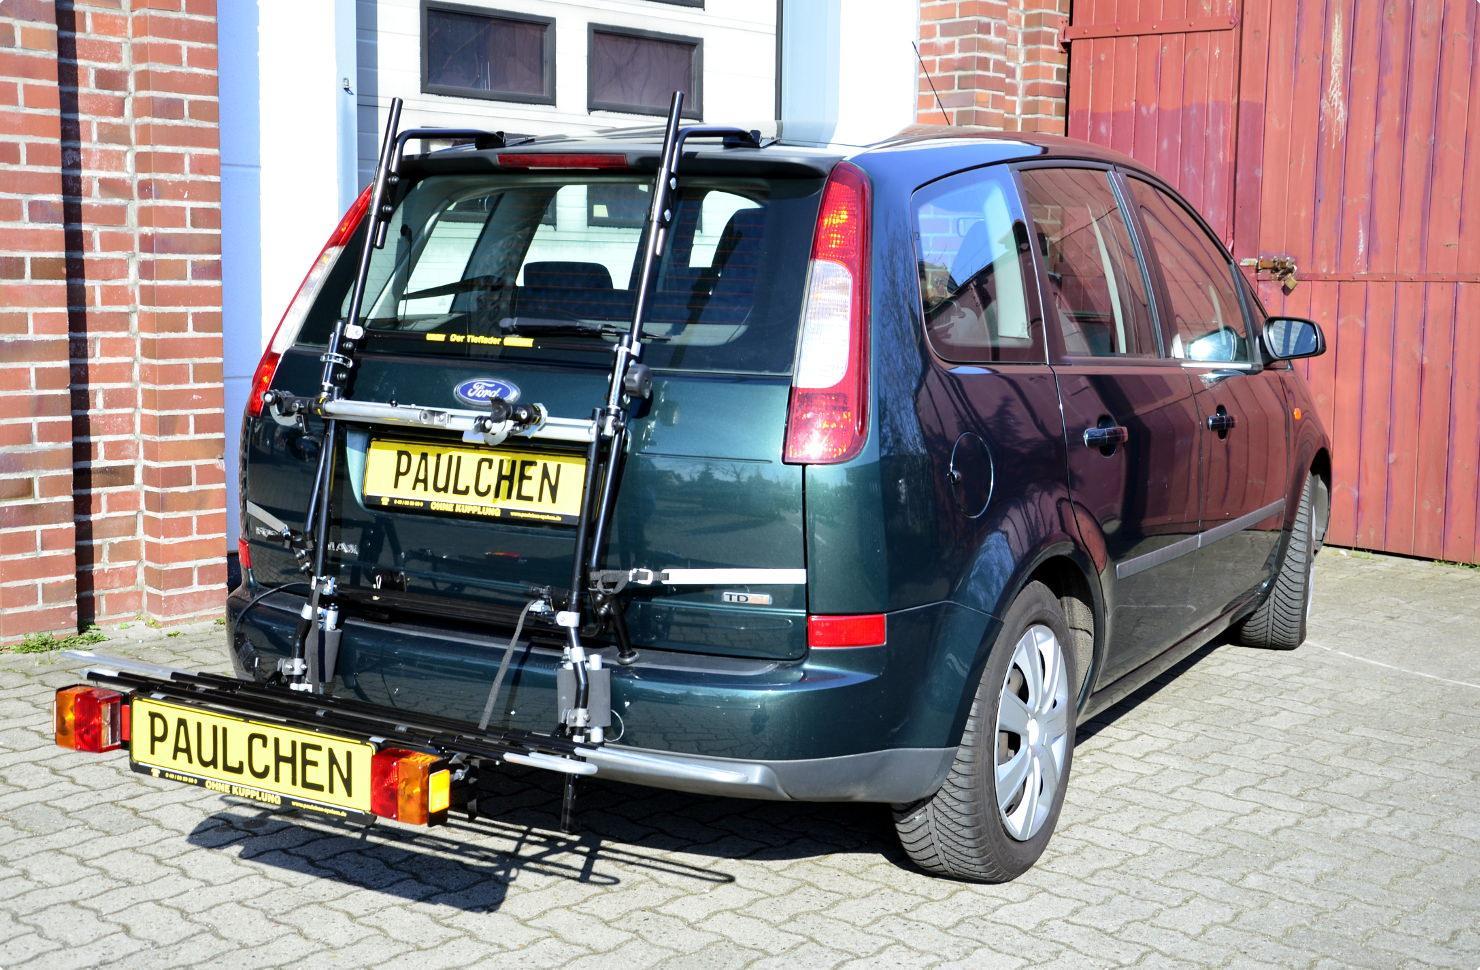 ford focus c-max/c-max bike rack - paulchen heck- und